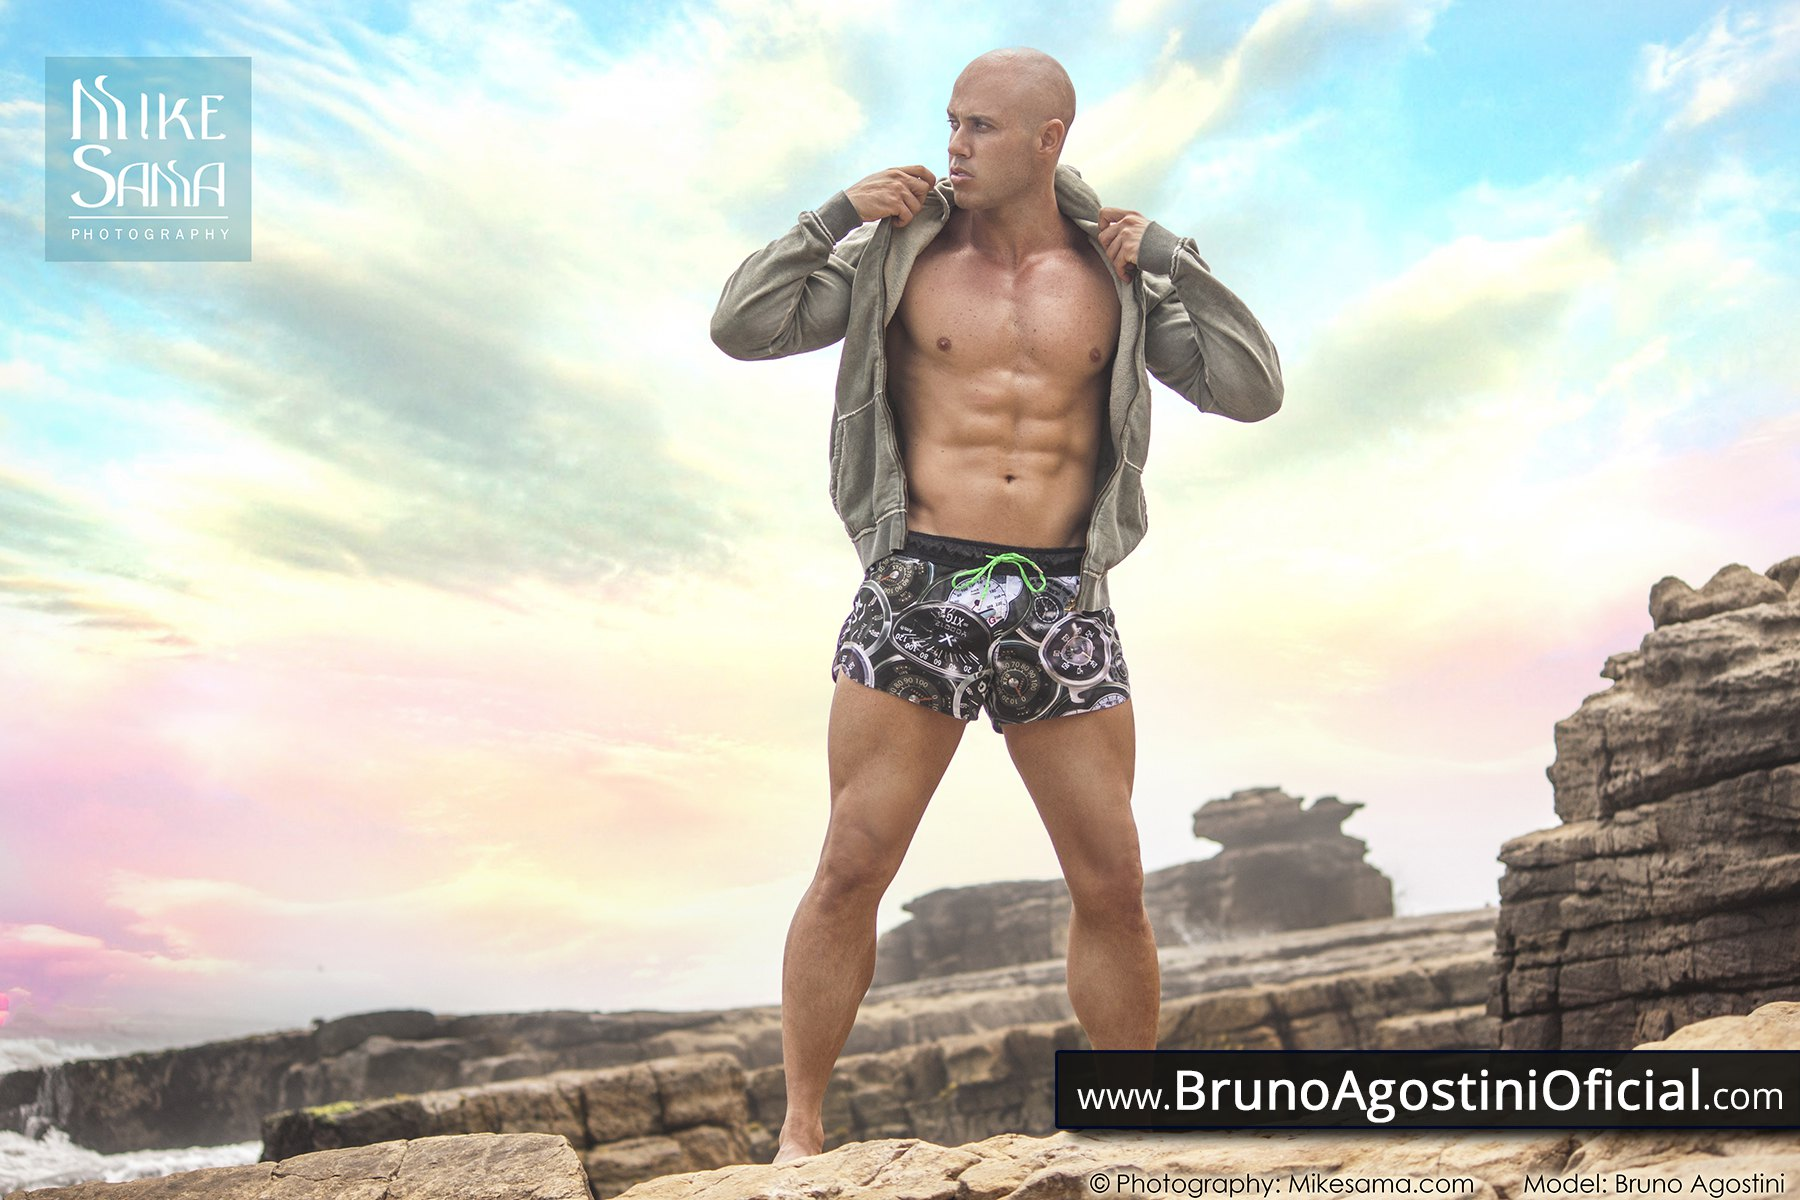 fotos_brunoagostinioficial_29